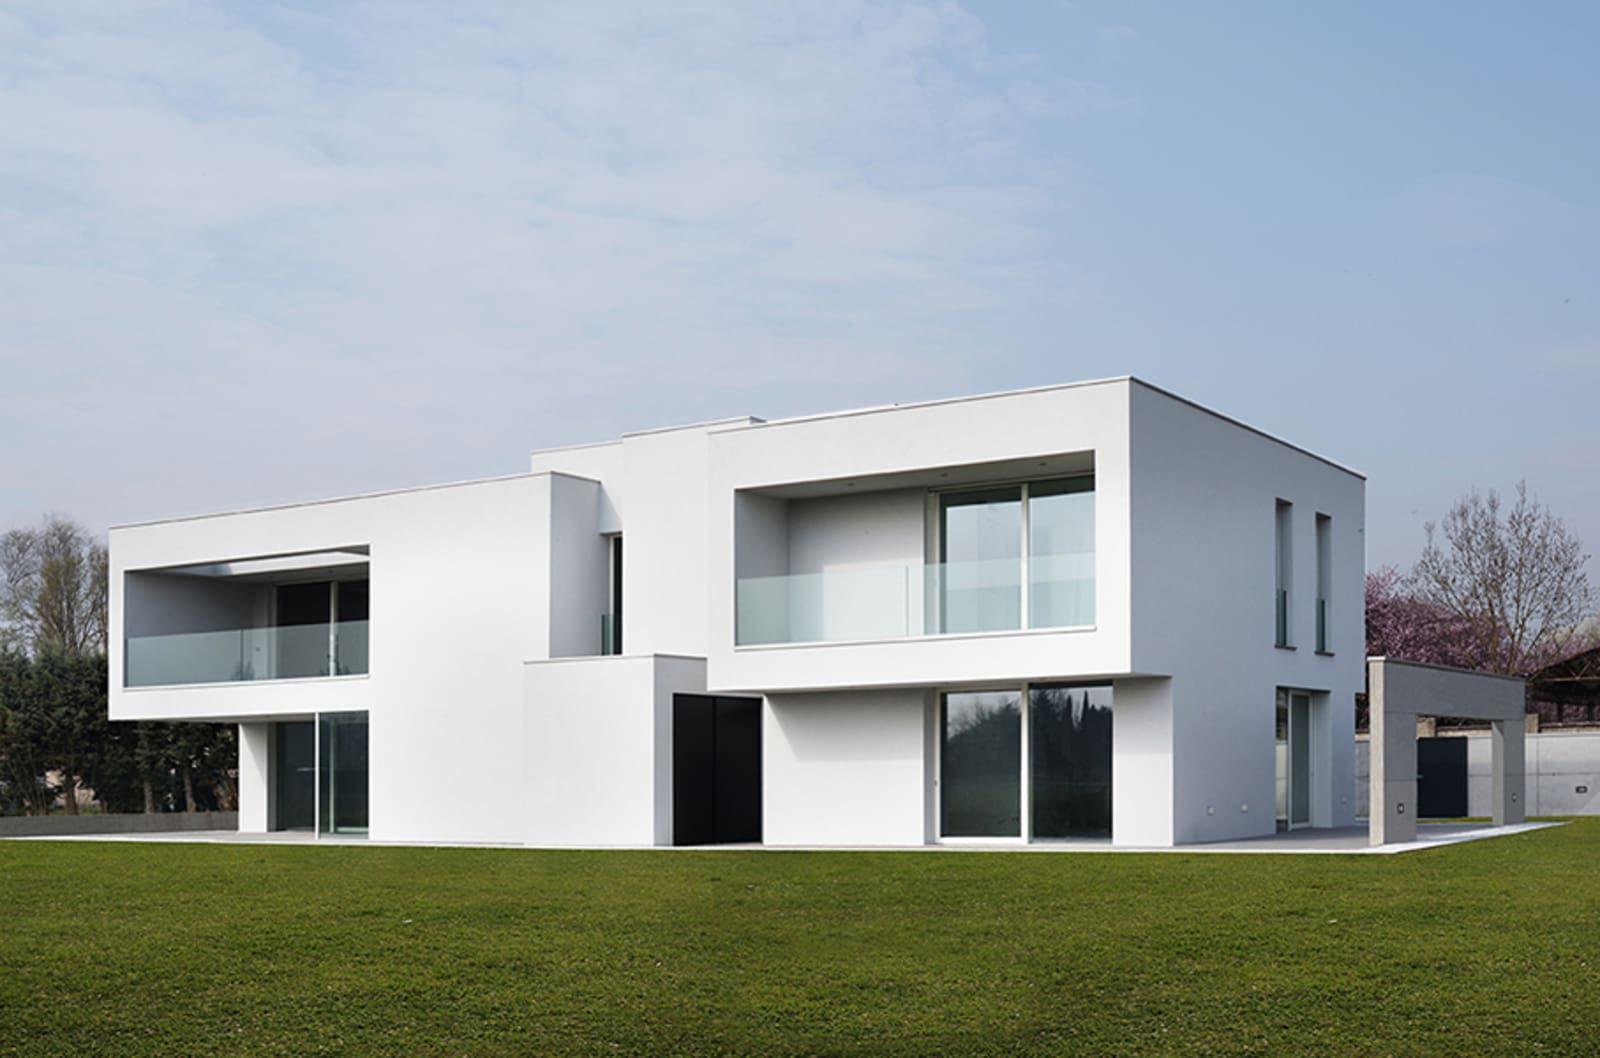 Padovano Mobili ~ Alex braggion bdm architetti · residenza unifamiliare a padova